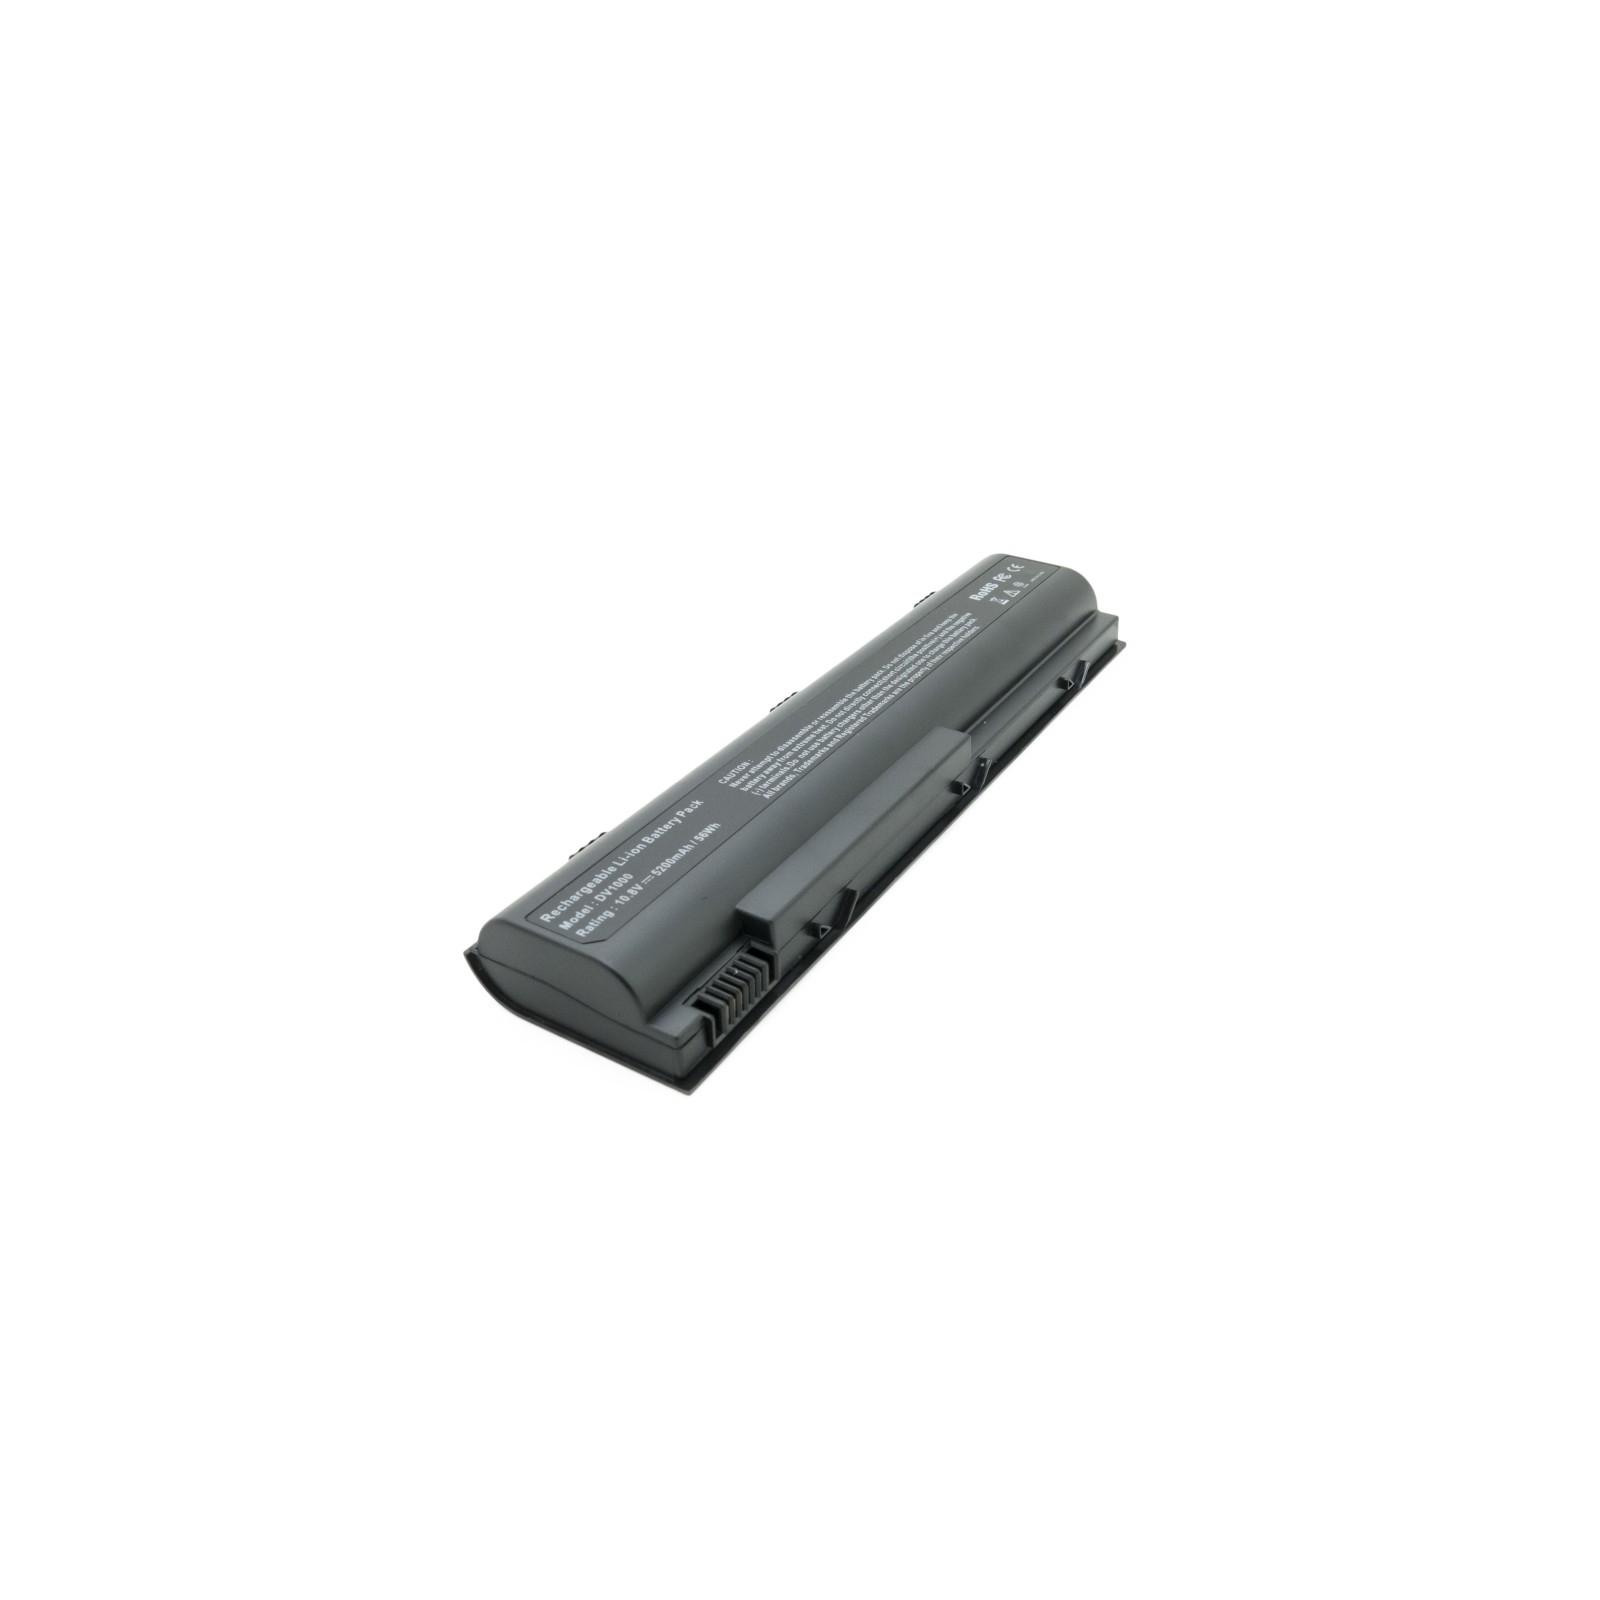 Аккумулятор для ноутбука HP Pavilion dv1000 (HSTNN-UB17) 5200 mAh EXTRADIGITAL (BNH3943) изображение 2